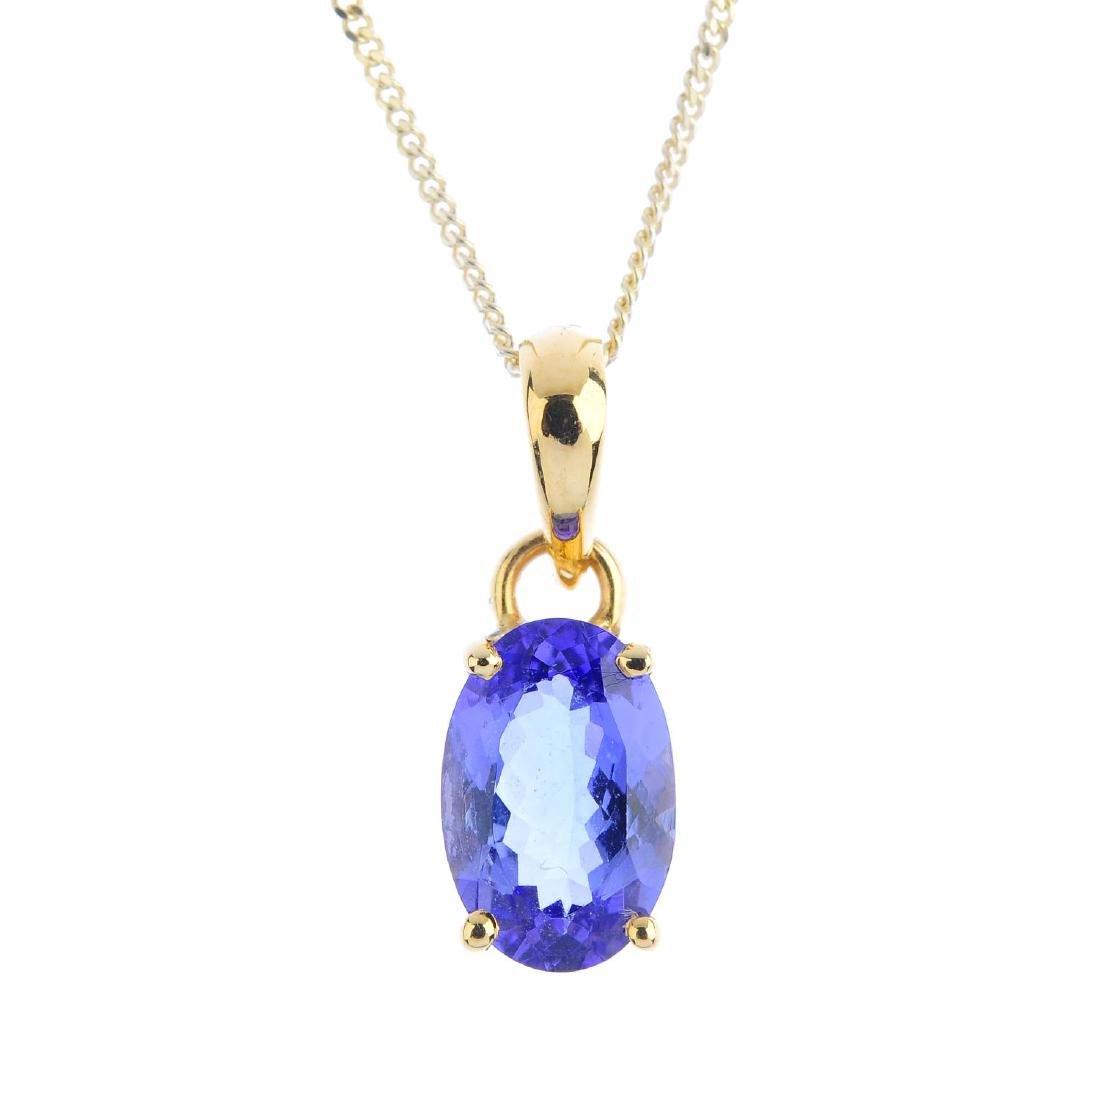 A tanzanite pendant. The oval-shape tanzanite, with